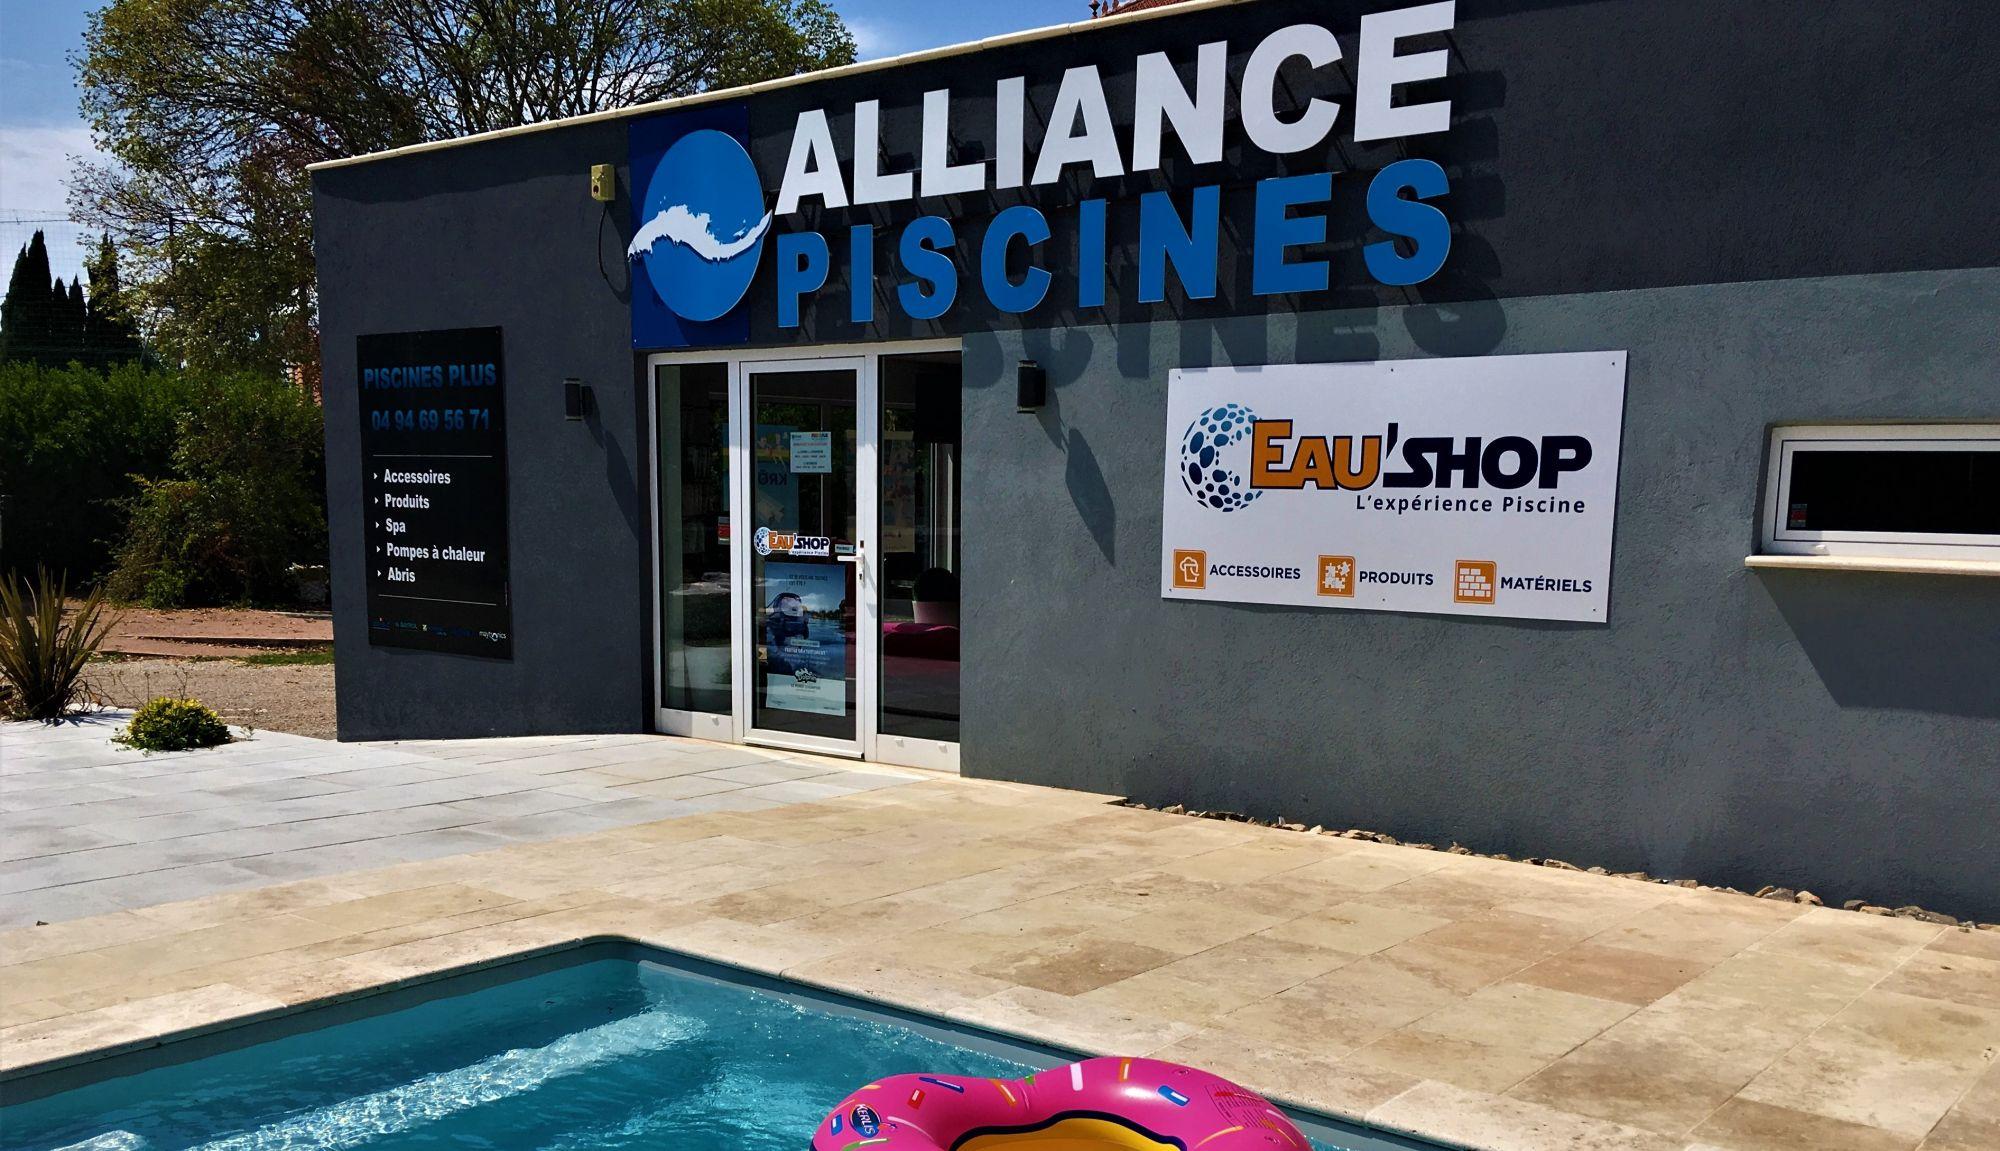 Materiel Piscine La Ciotat magasin piscines plus : alliance piscines brignoles